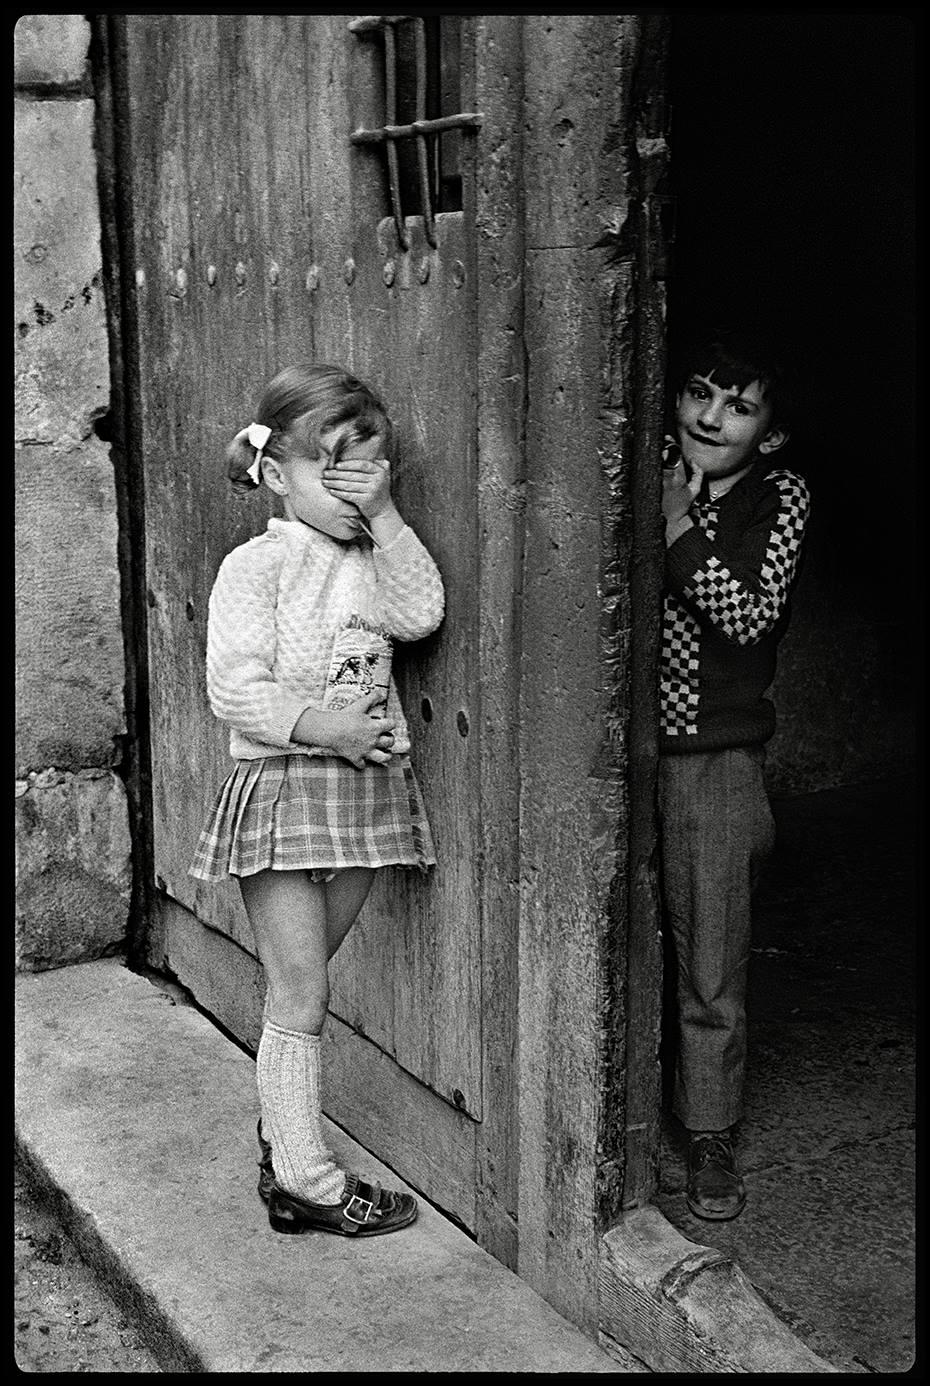 Cristóbal Hara. Cuenca, 1971<br/>